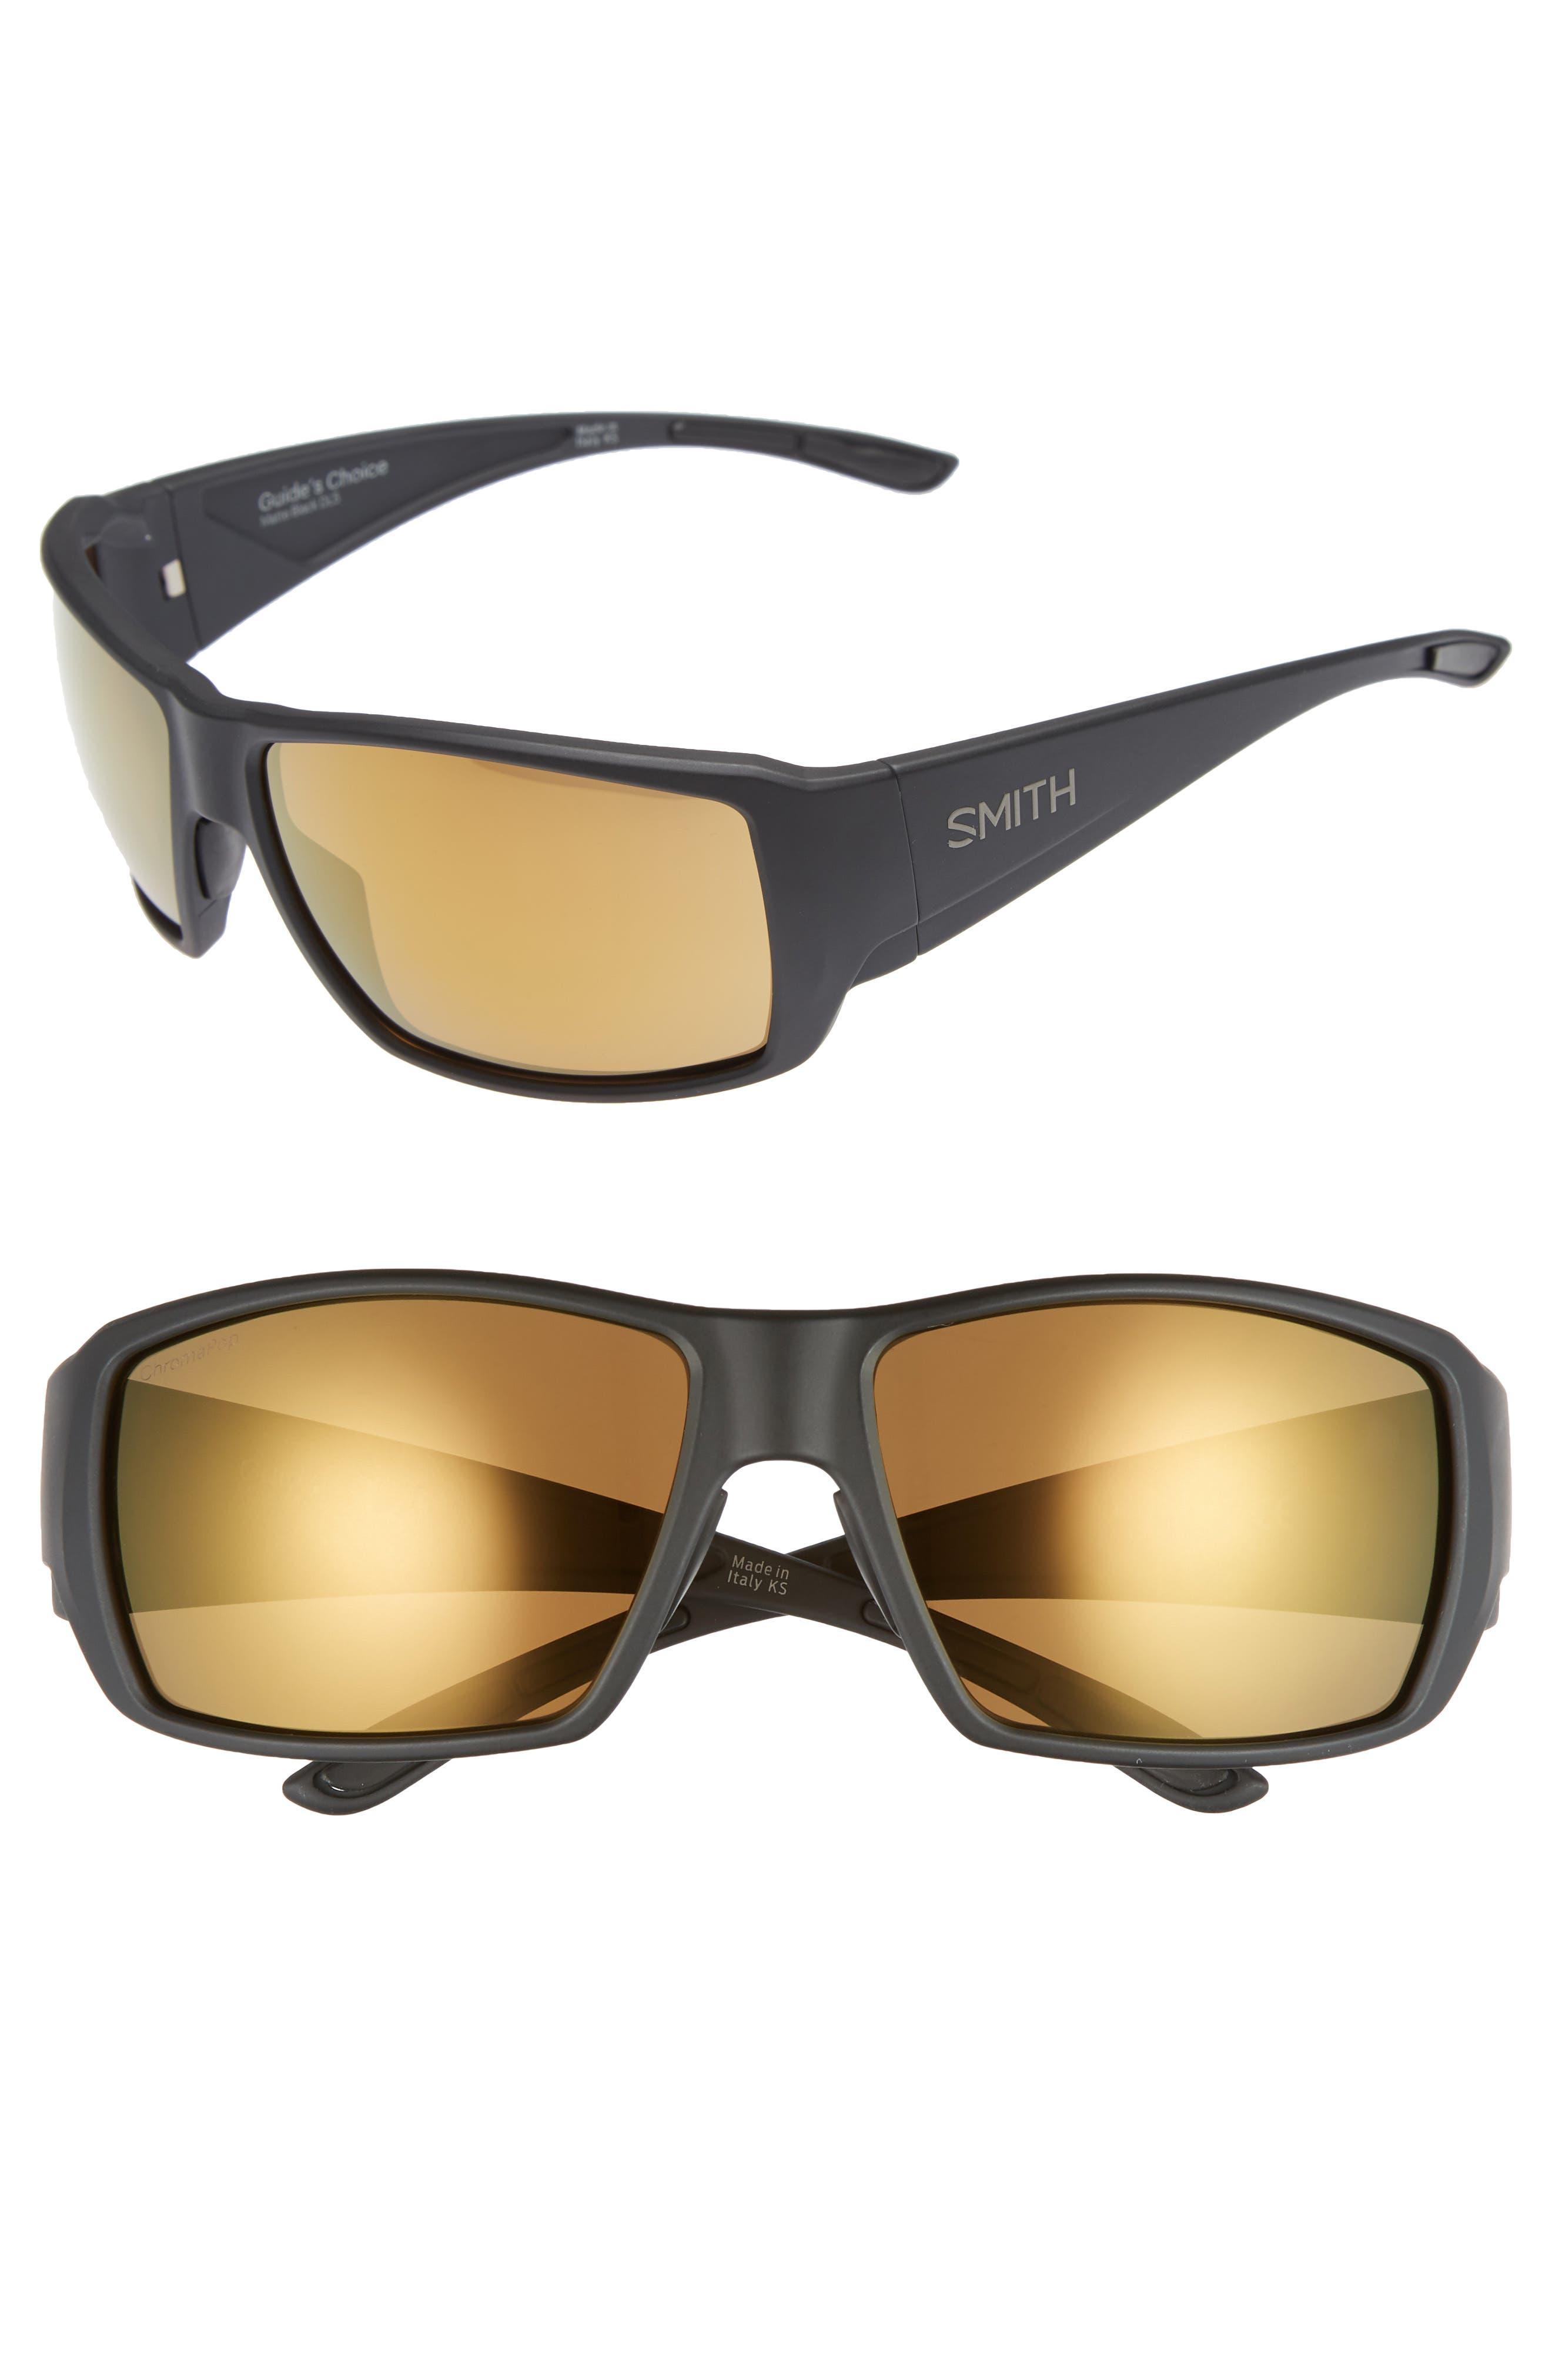 Guide's Choice 62mm ChromaPop<sup>™</sup> Sport Sunglasses,                             Main thumbnail 1, color,                             MATTE BLACK/ BRONZE MIRROR